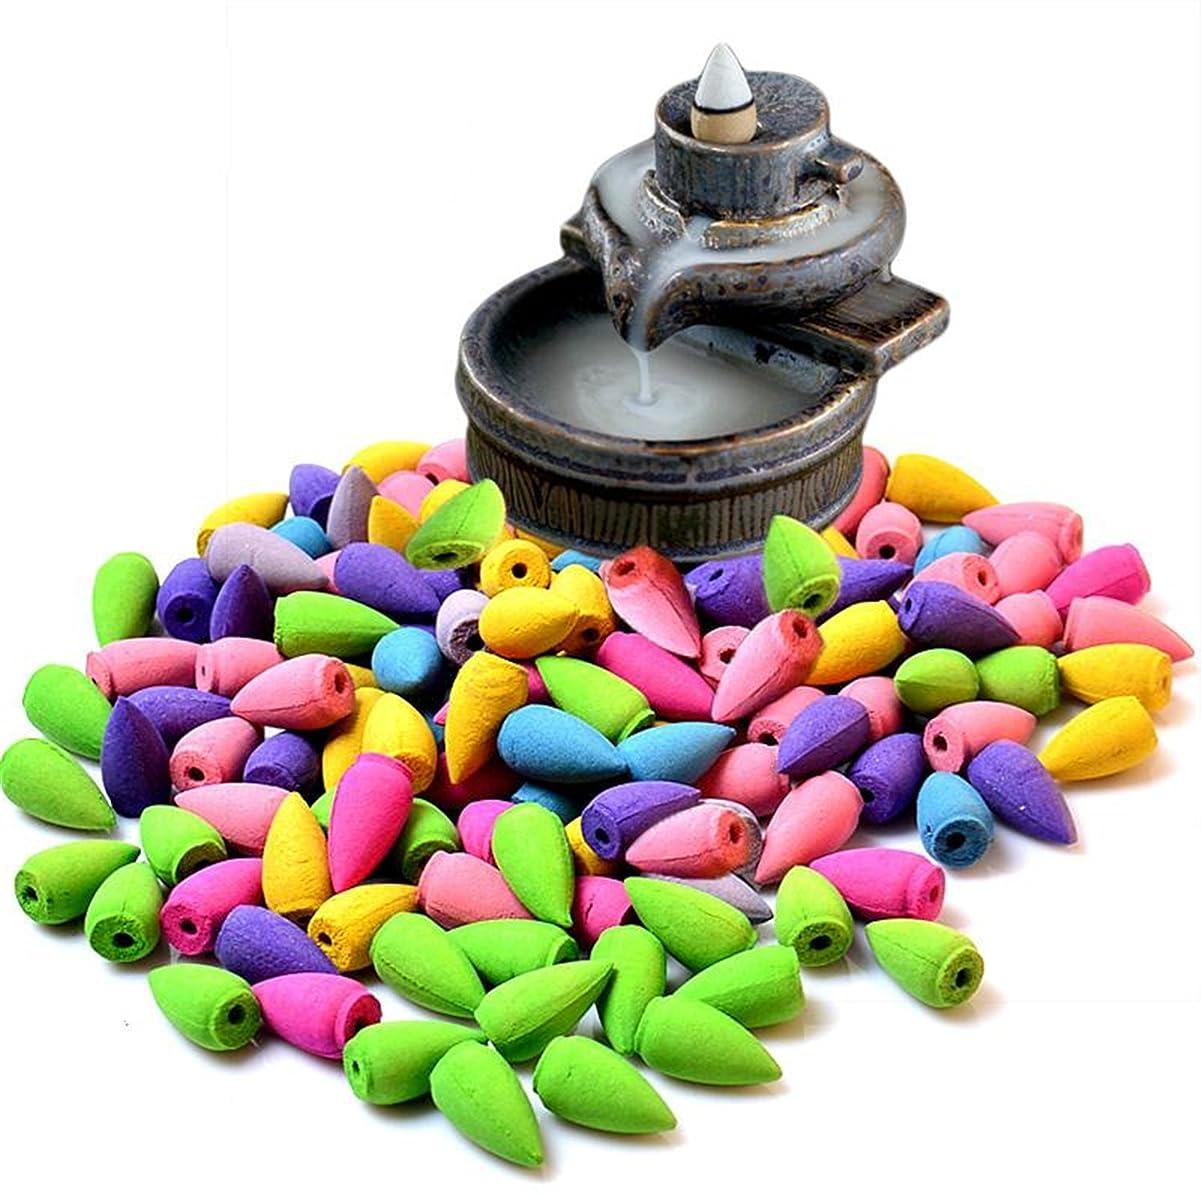 販売計画発明する何ECYC Rerro  陶器の香炉 室内用バックフローつり香炉 アロマセラピー用の香立て  収集可能 B01LC3EI7O